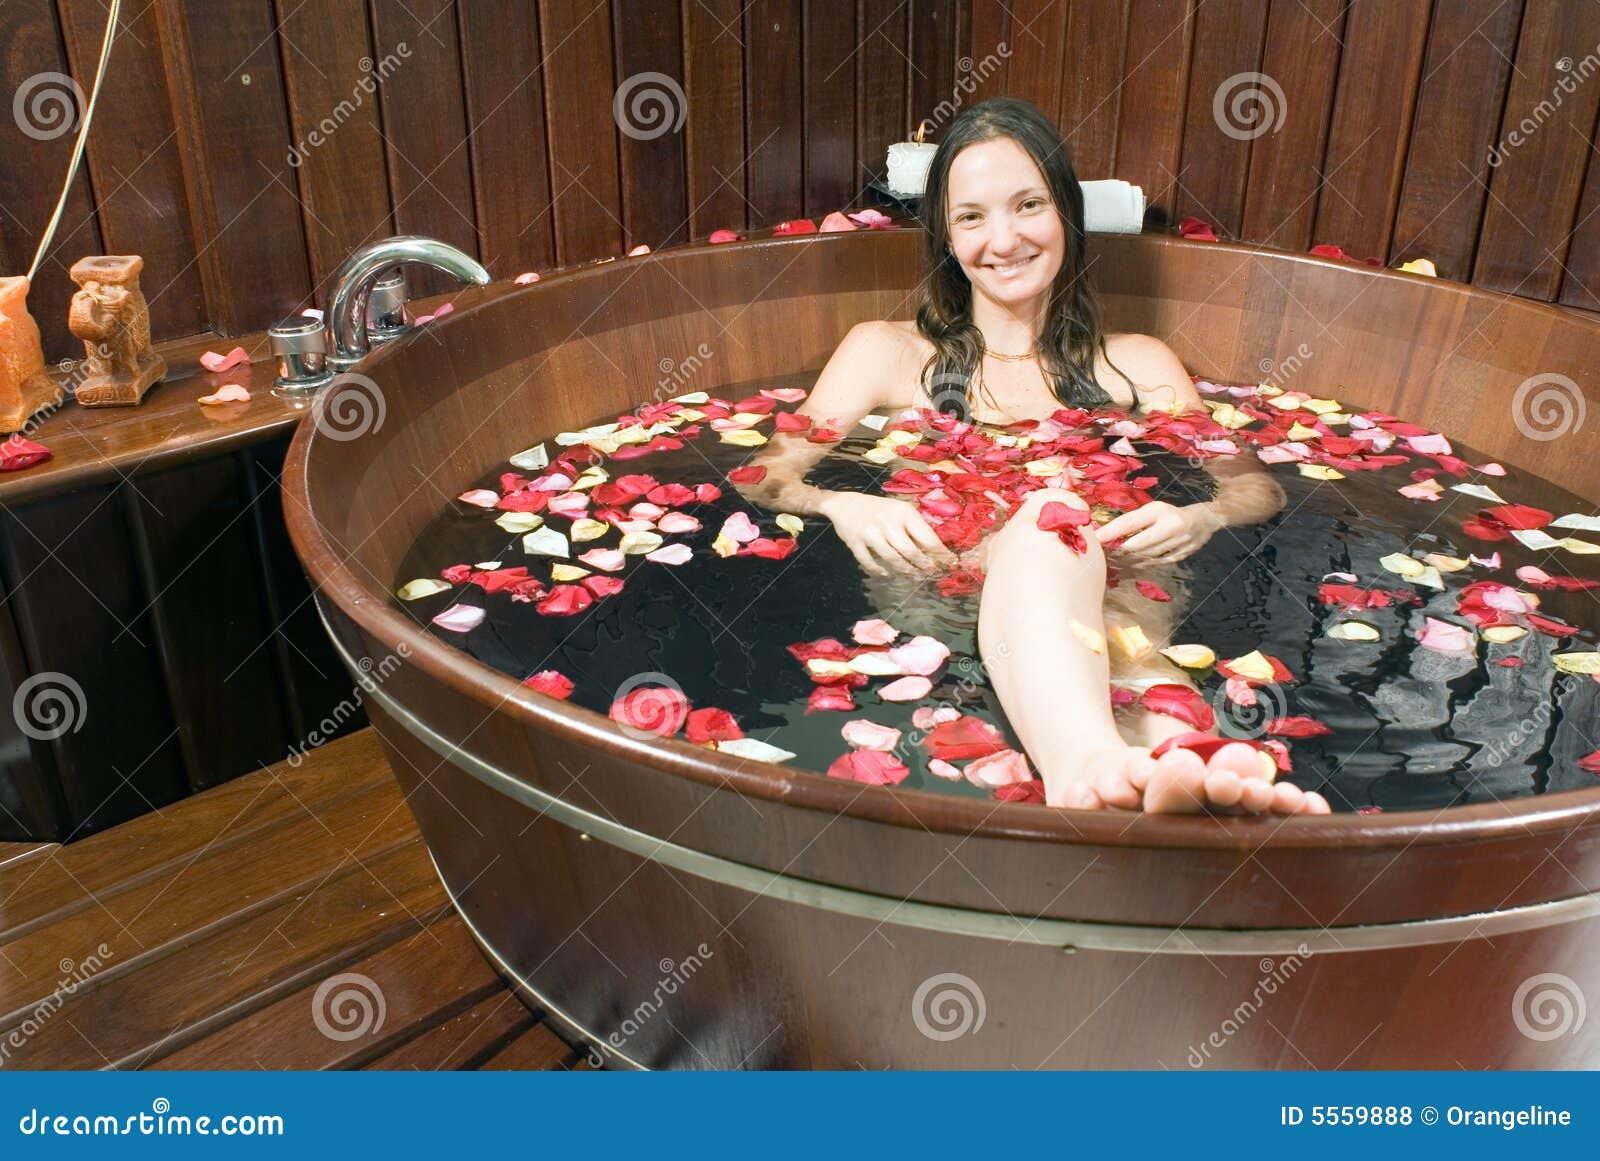 girl sitting in wooden bathtub